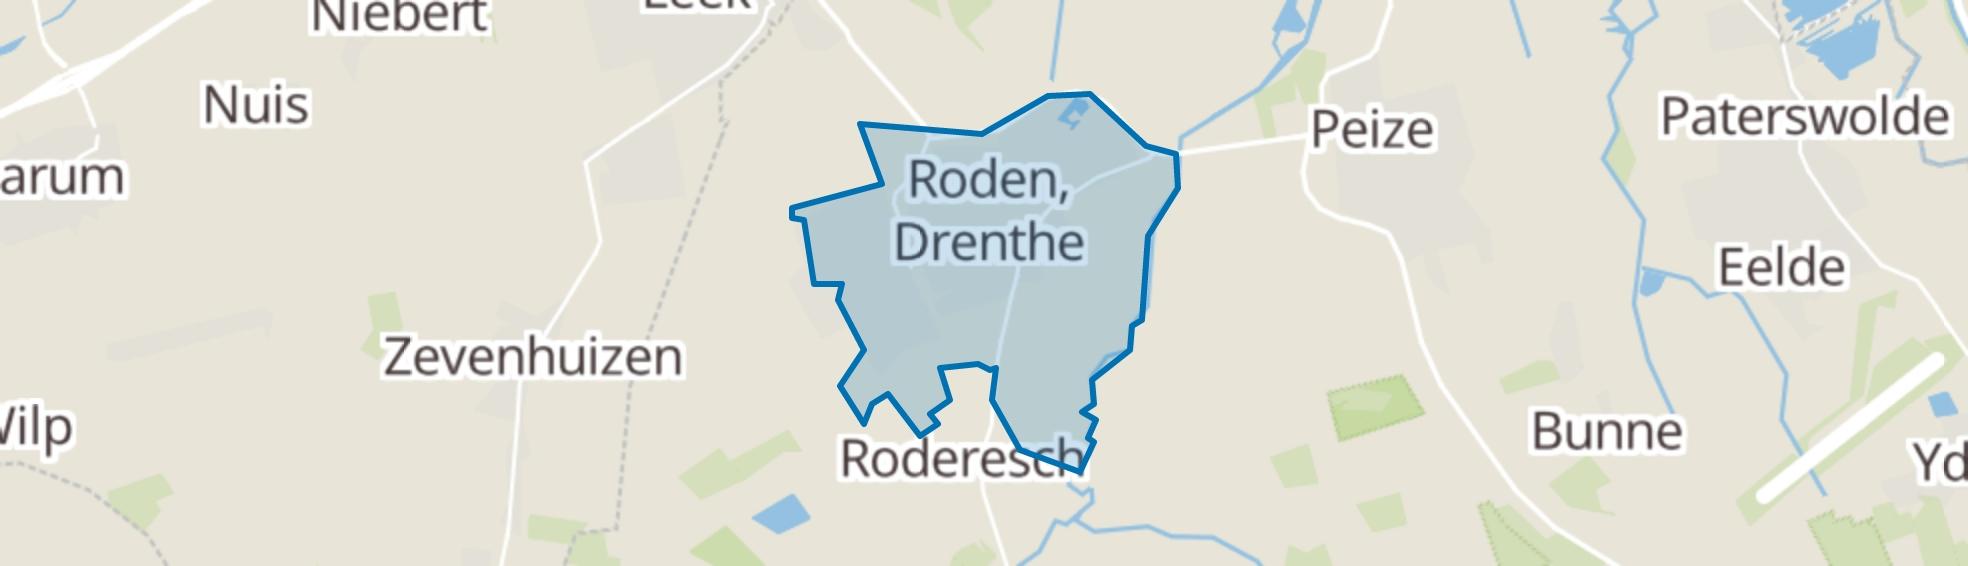 Roden map